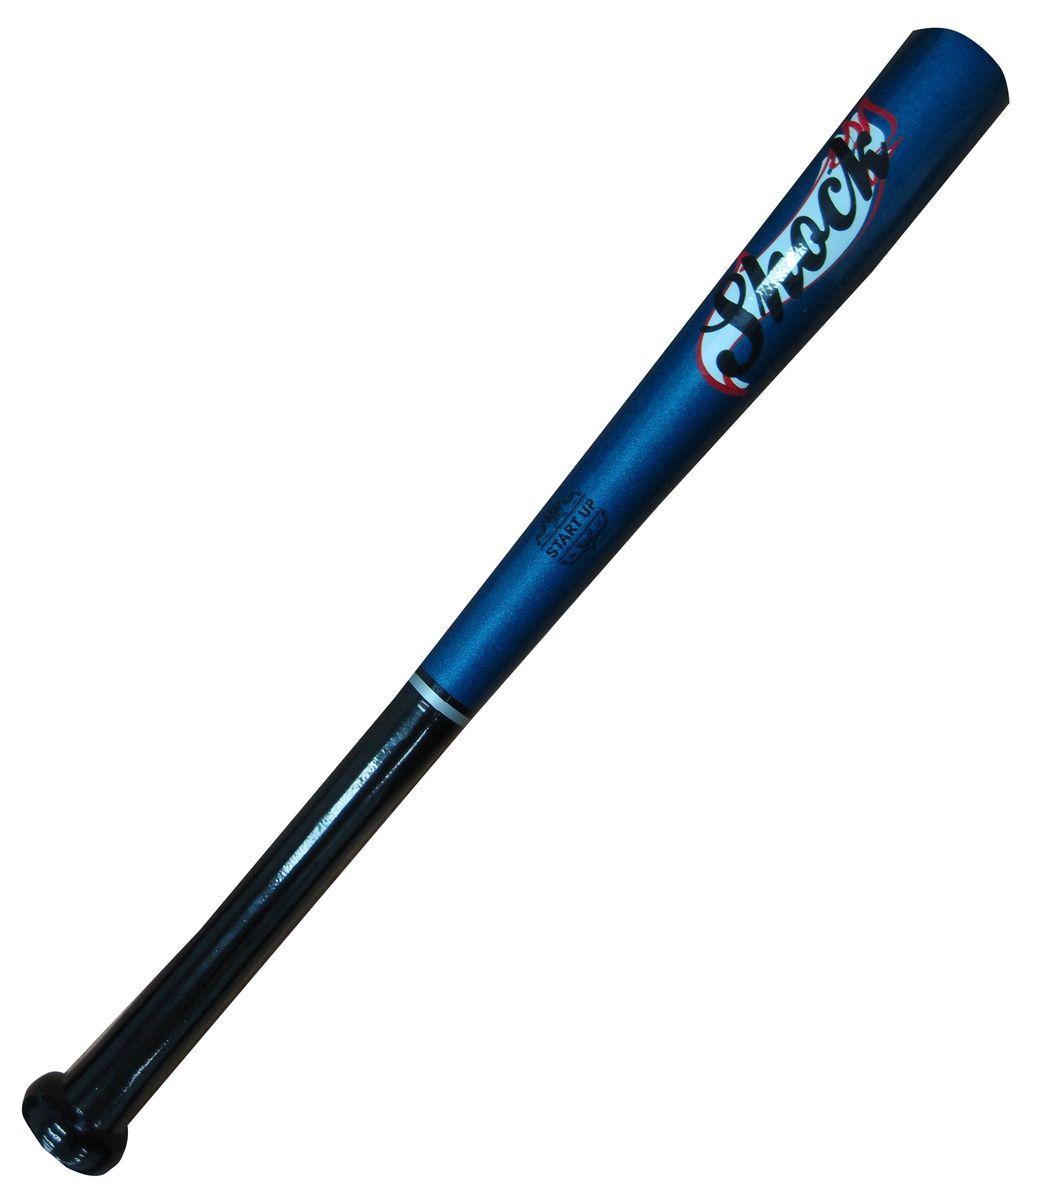 Бита бейсбольная Start UP R Shock, цвет: синий, 21339447Бейсбольная бита Start Up выполнена из каучукового дерева, а это значит, что она невероятно прочная и плотная. Размер - 21 (53 см).